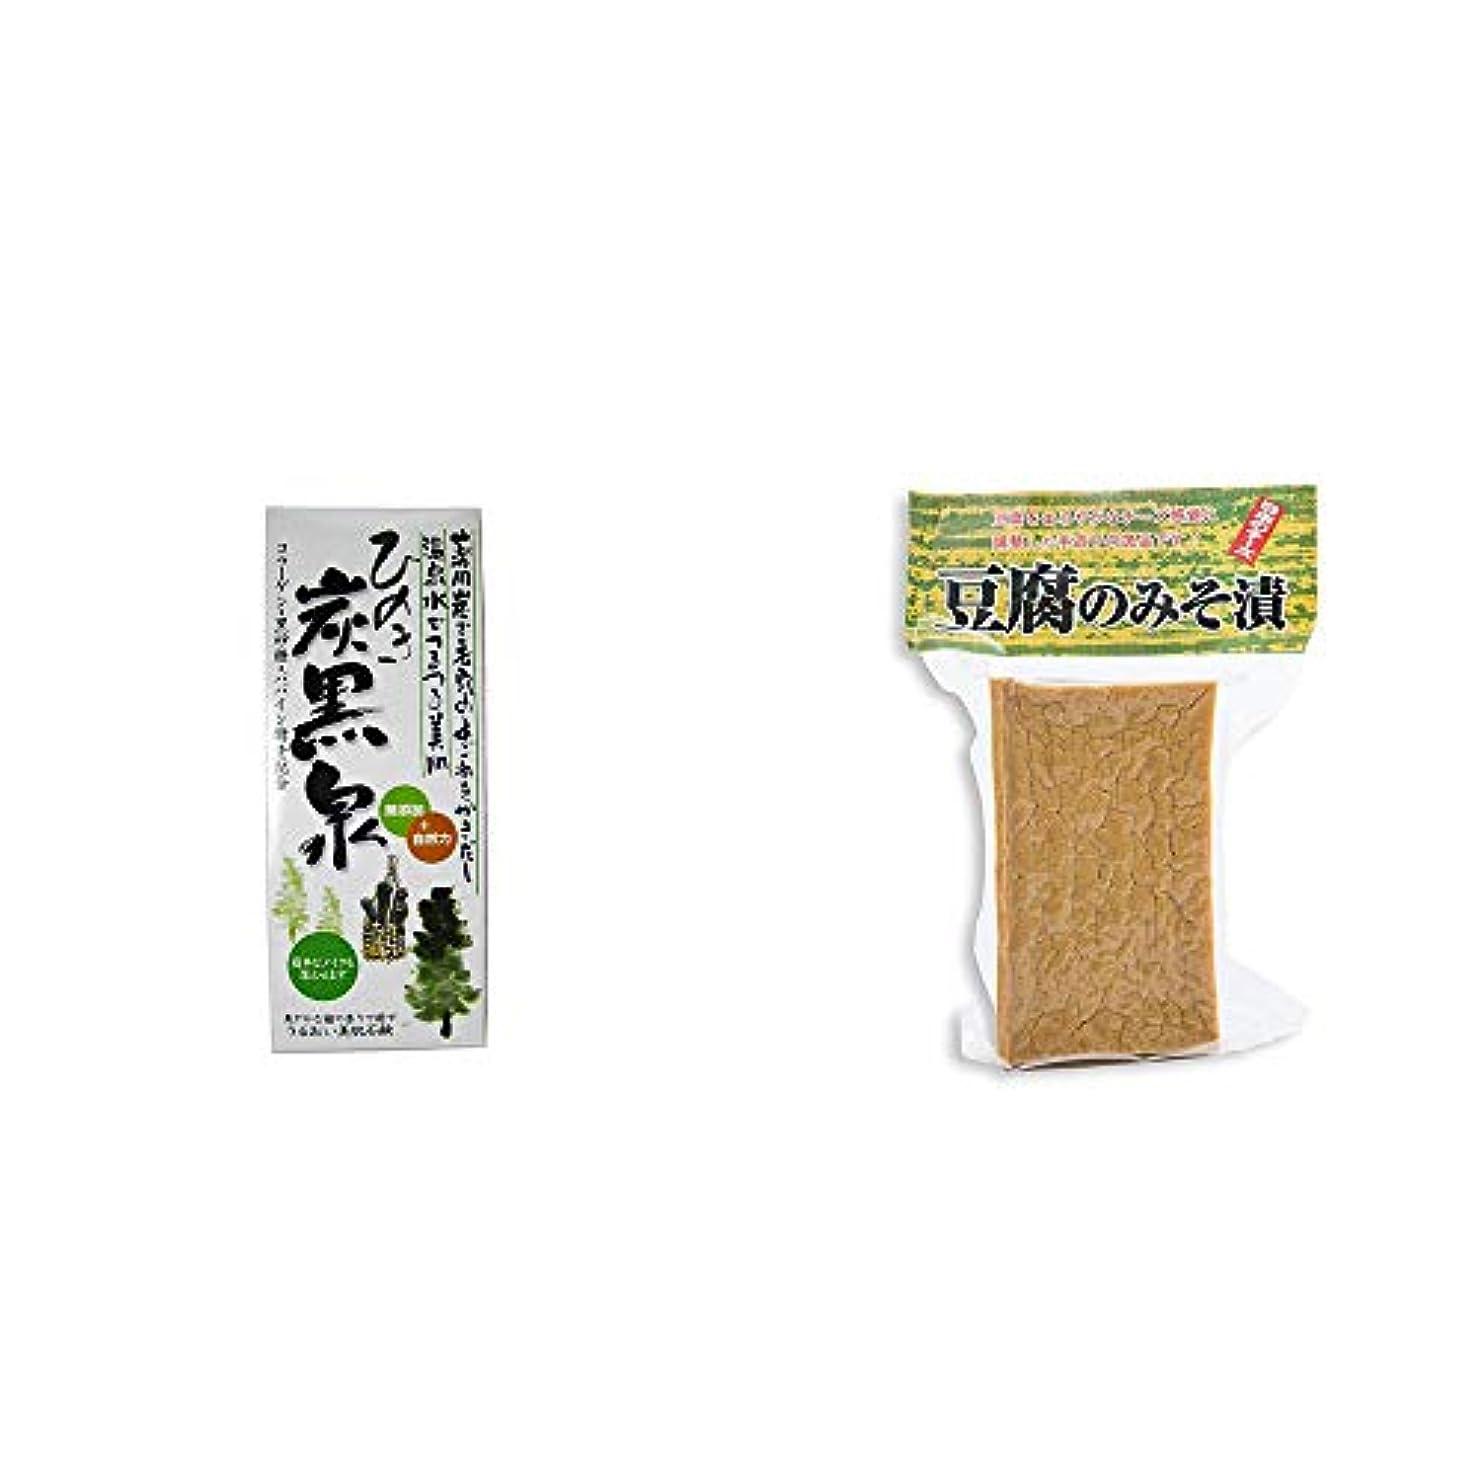 犠牲症候群チューリップ[2点セット] ひのき炭黒泉 箱入り(75g×3)?日本のチーズ 豆腐のみそ漬(1個入)